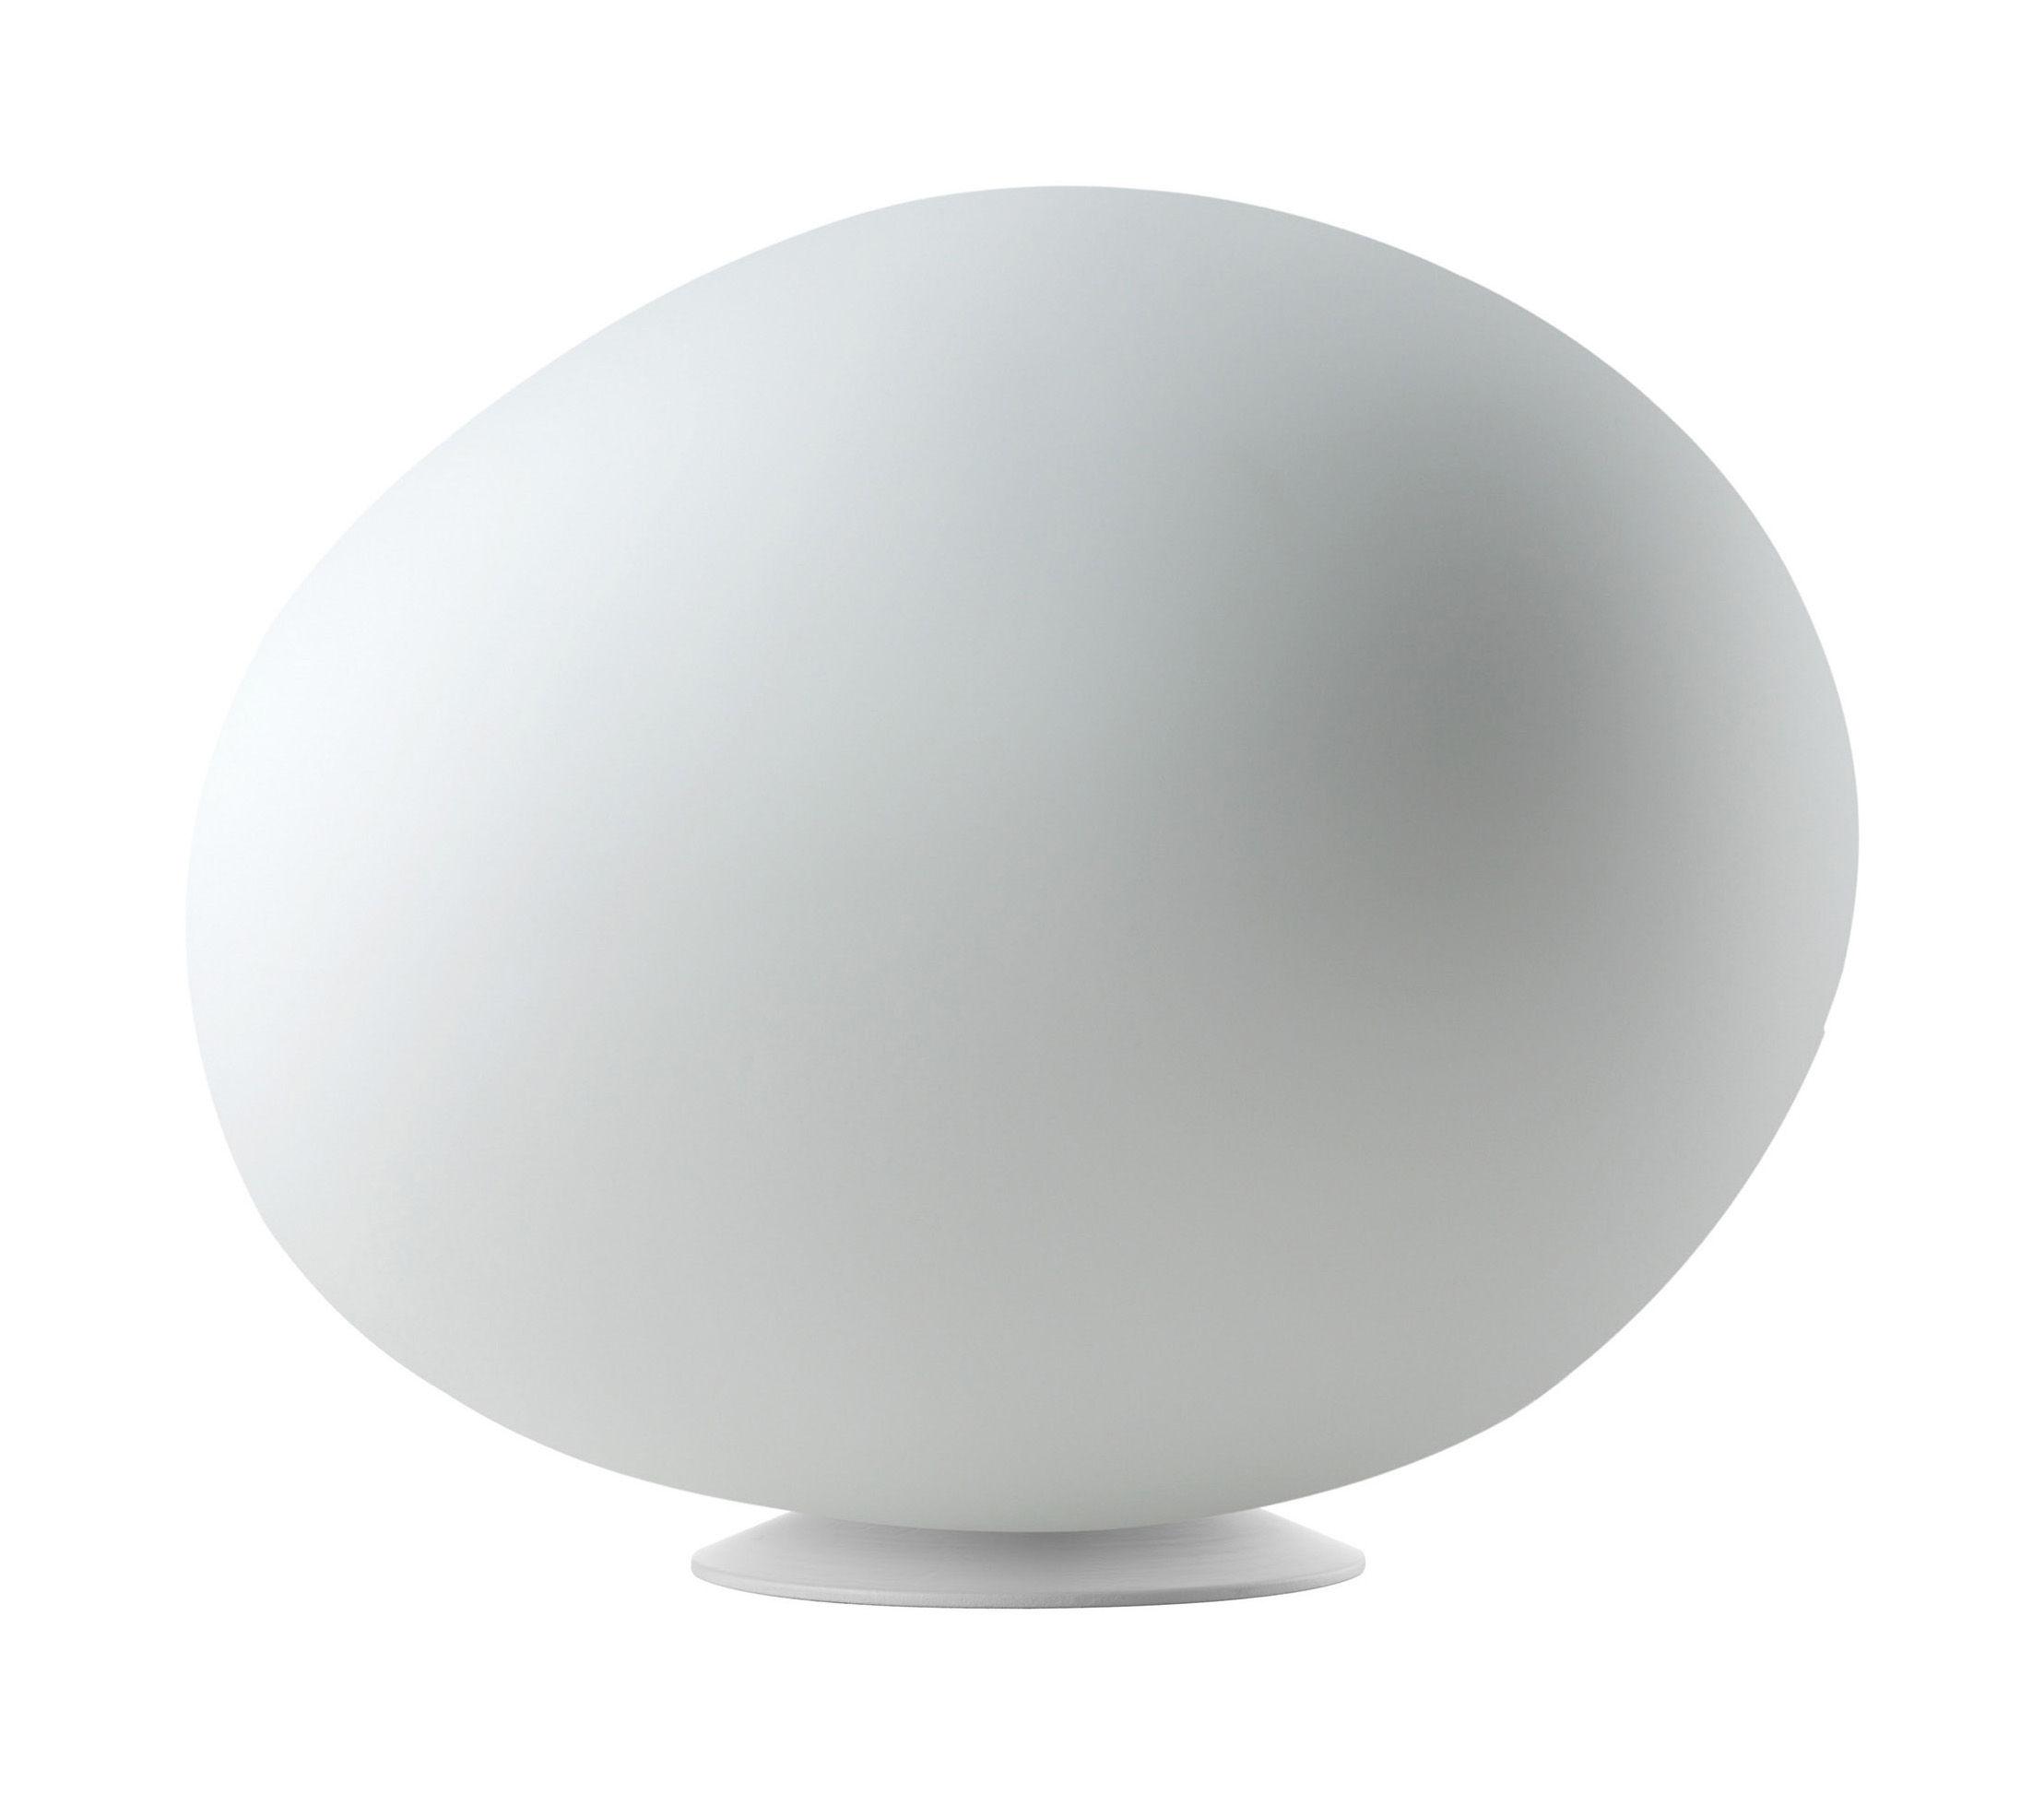 Luminaire - Lampes de table - Lampe de table Poly Gregg Piccola / Version polyéthylène - Foscarini - Blanc - Piccola / L 31 cm - Acier laqué, Polyéthylène